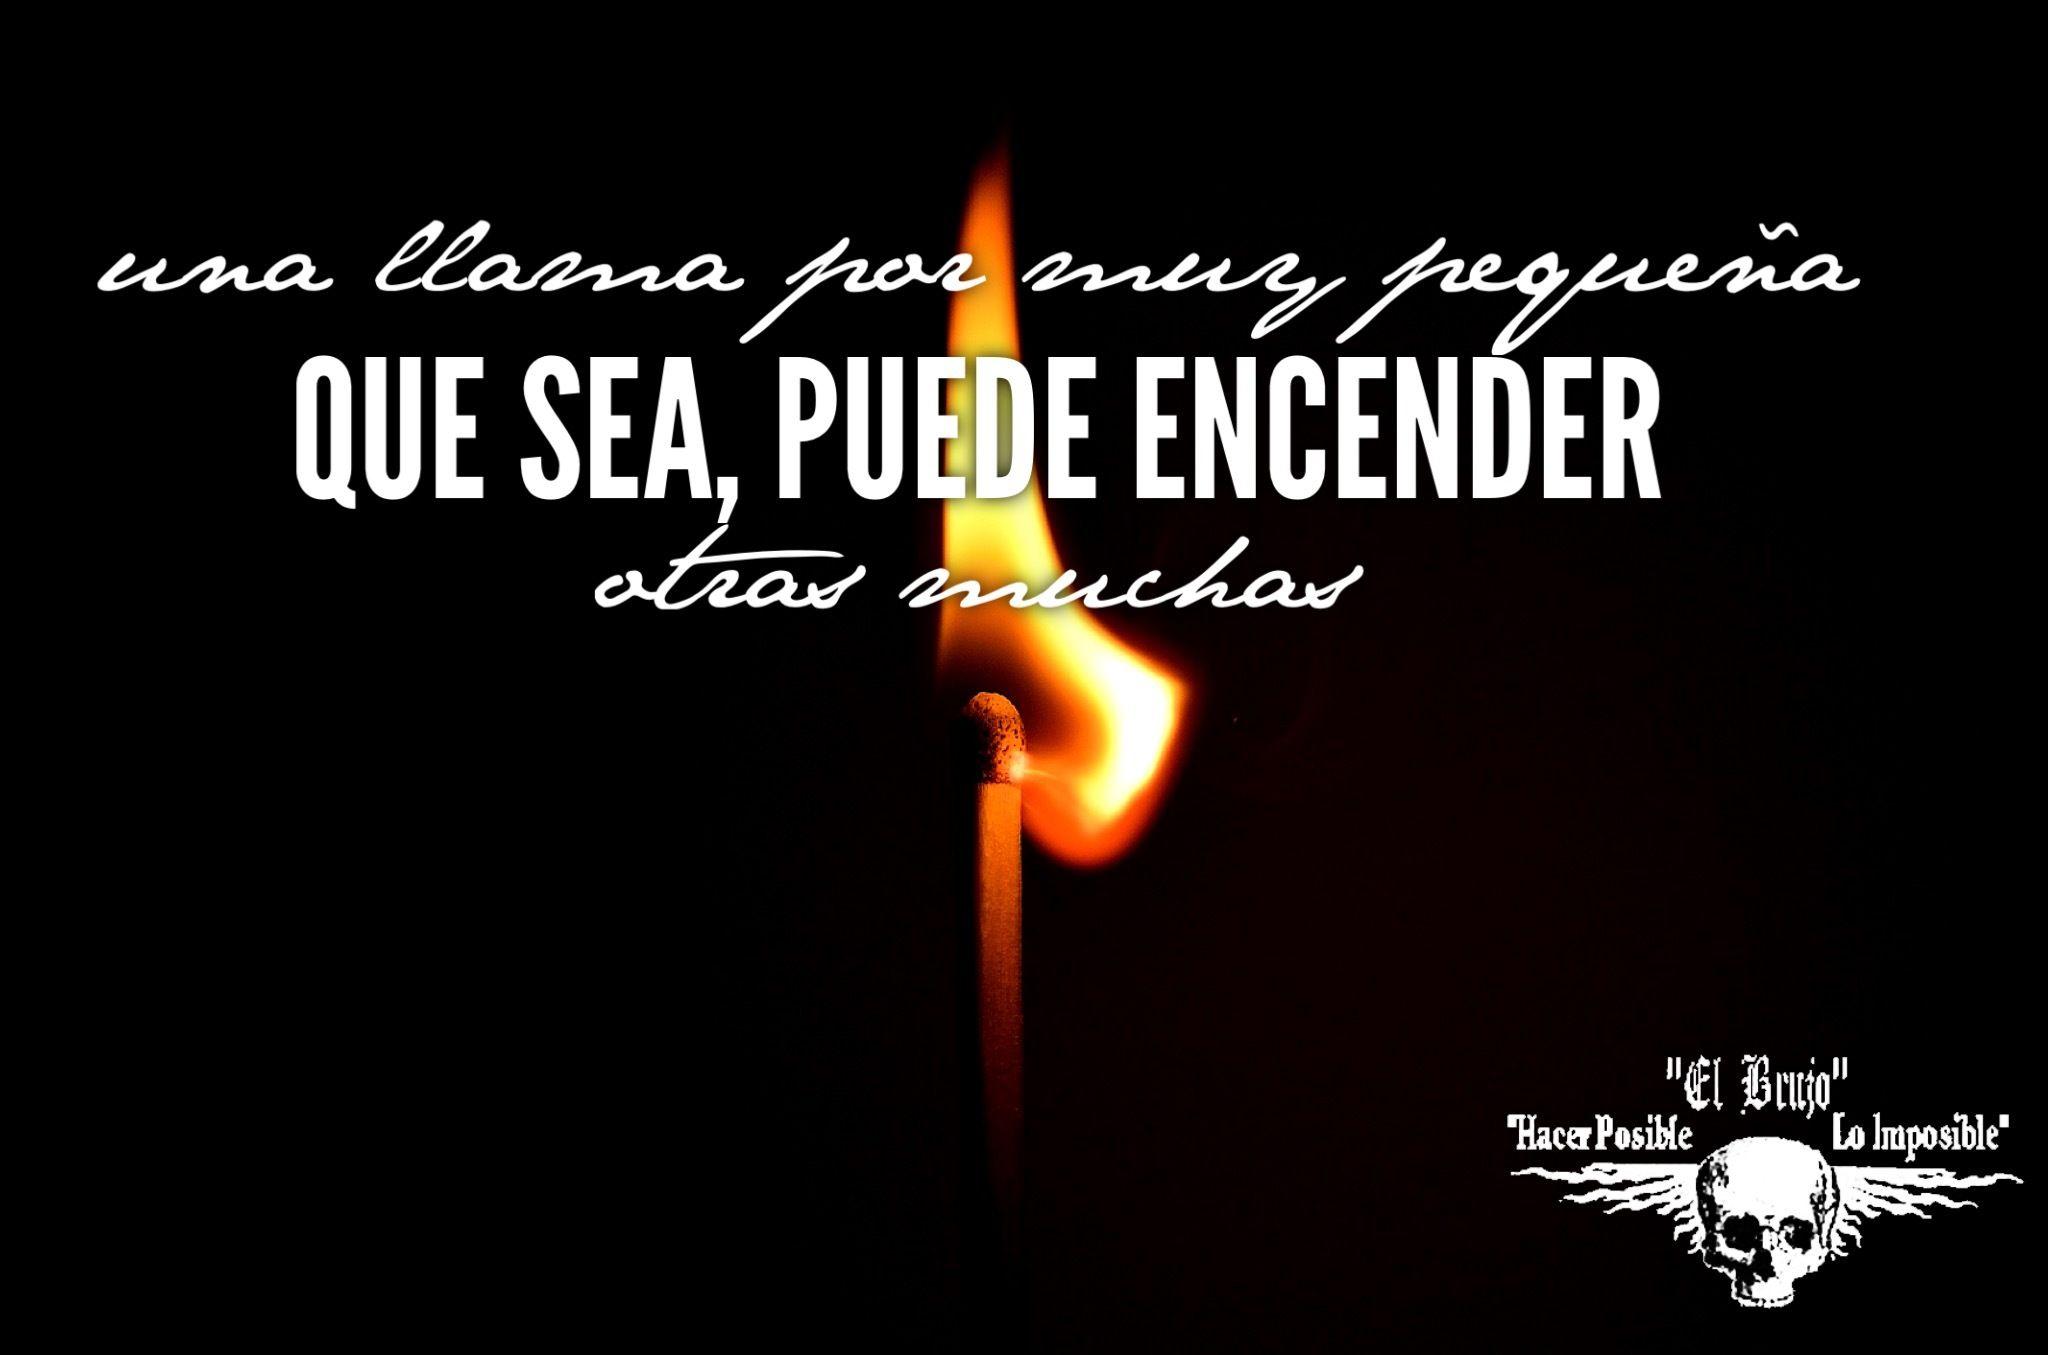 llama #elbrujo.net #Kimbiza #brujeria #Amor #Dinero #Salud #Suerte #Poder #Frases #elbrujo #brujo